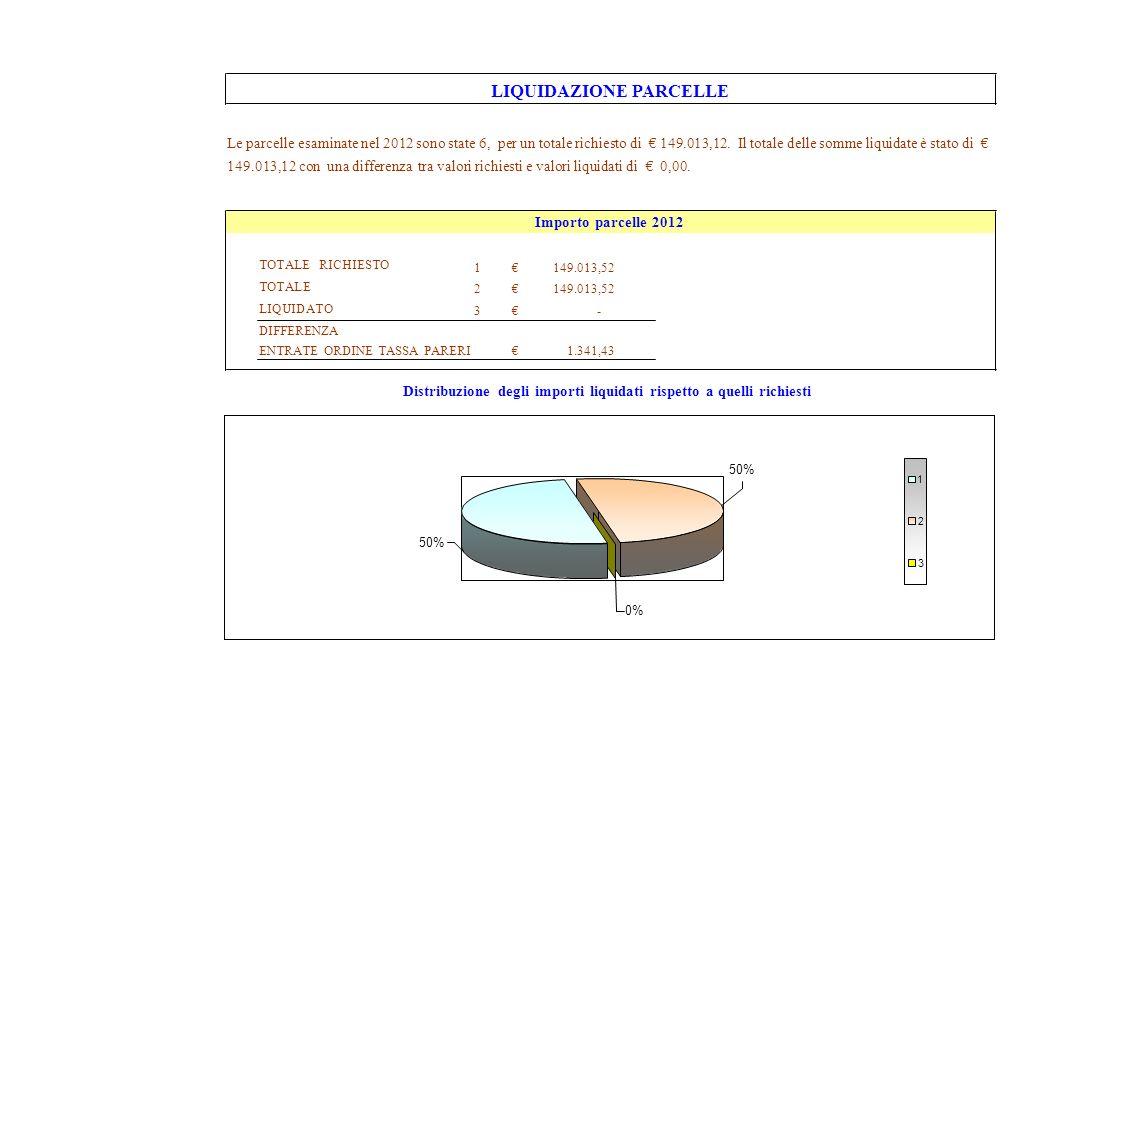 6 4112/07/2012 Seminario - Presentazione Kit Creaimpresa.